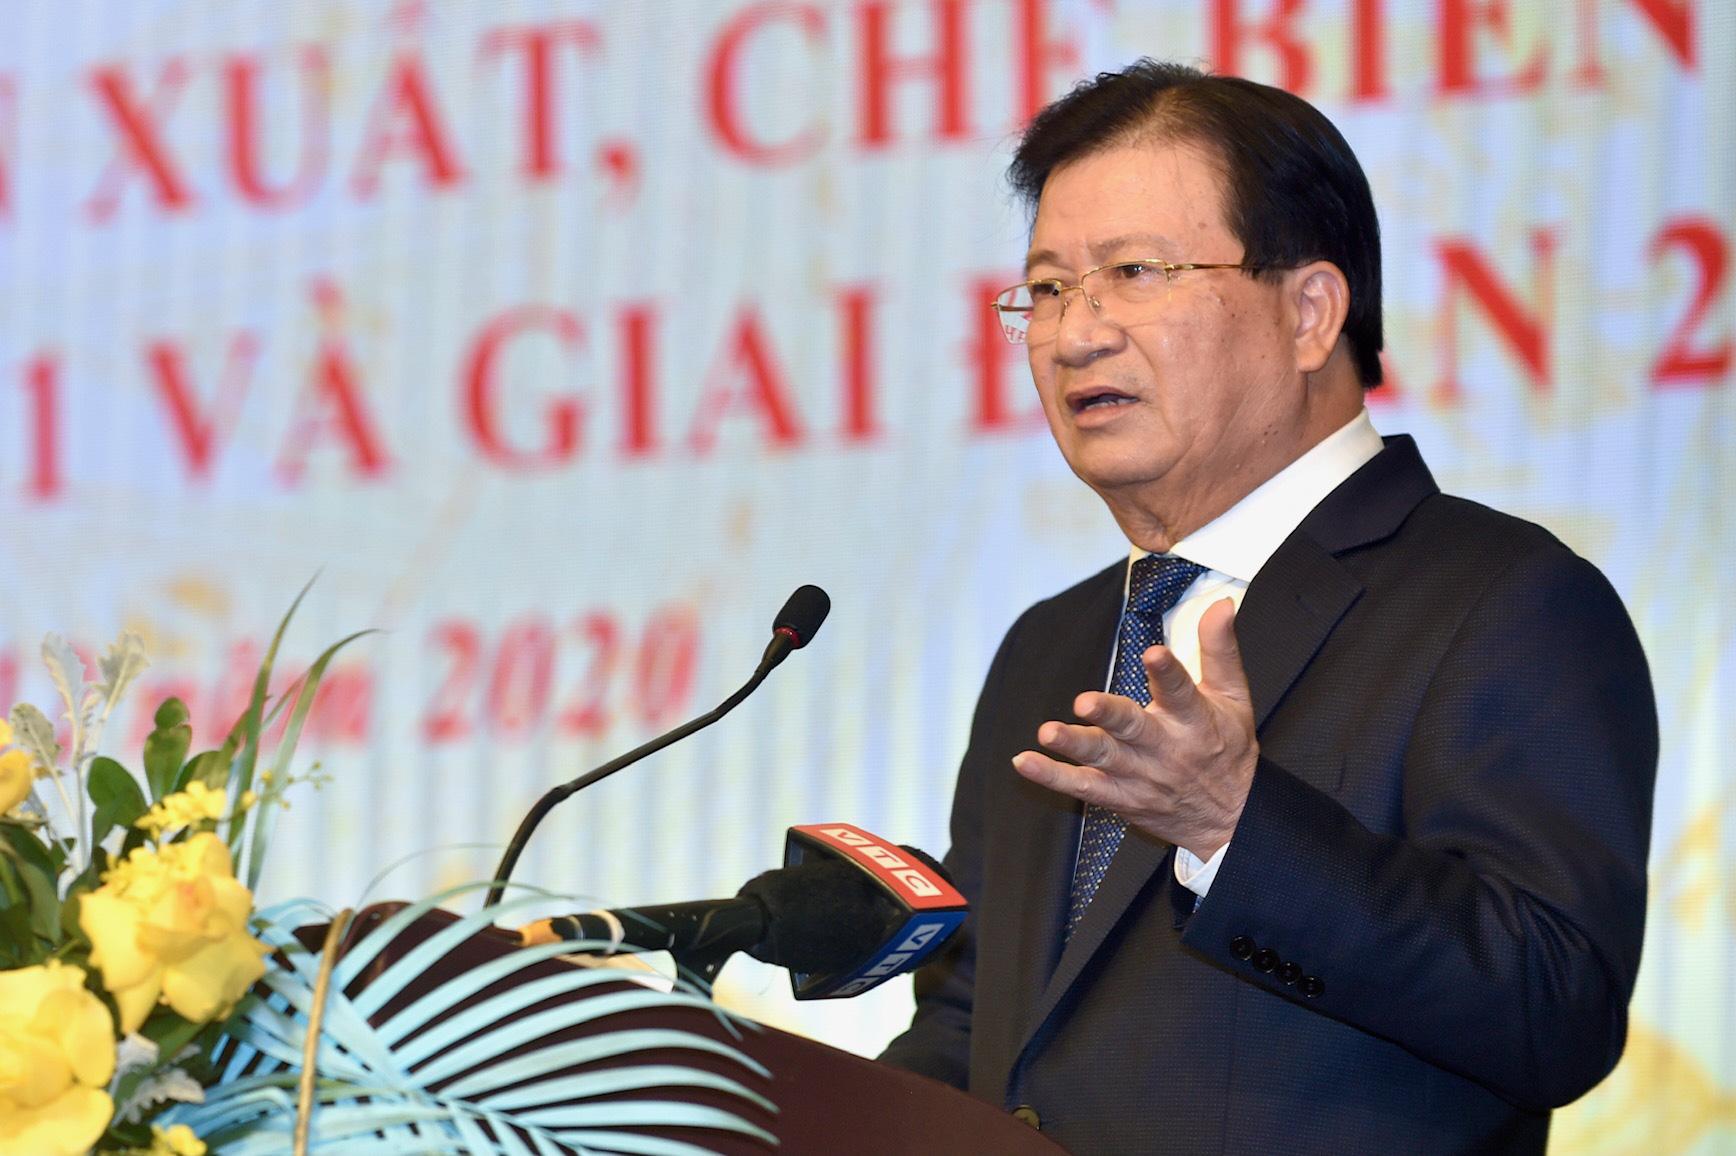 Phó Thủ tướng Trịnh Đình Dũng: Đến năm 2025 phấn đấu có ít nhất 1 triệu ha rừng trồng gỗ lớn  - Ảnh 1.